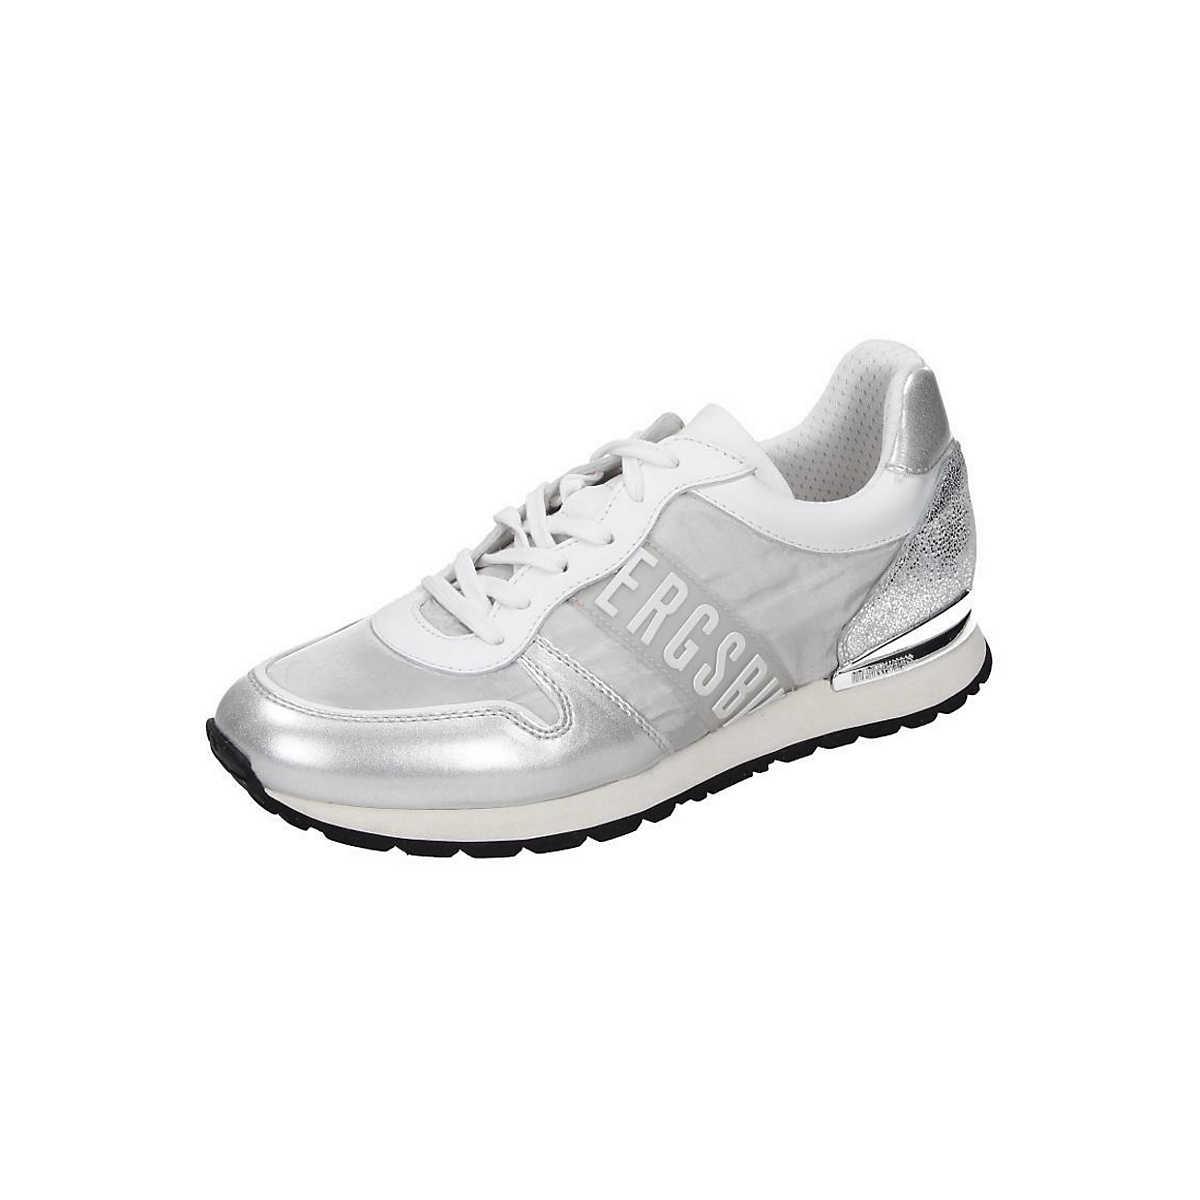 Bikkembergs Sneakers grau - Bikkembergs - Sneakers - Schuhe - mirapodo.de